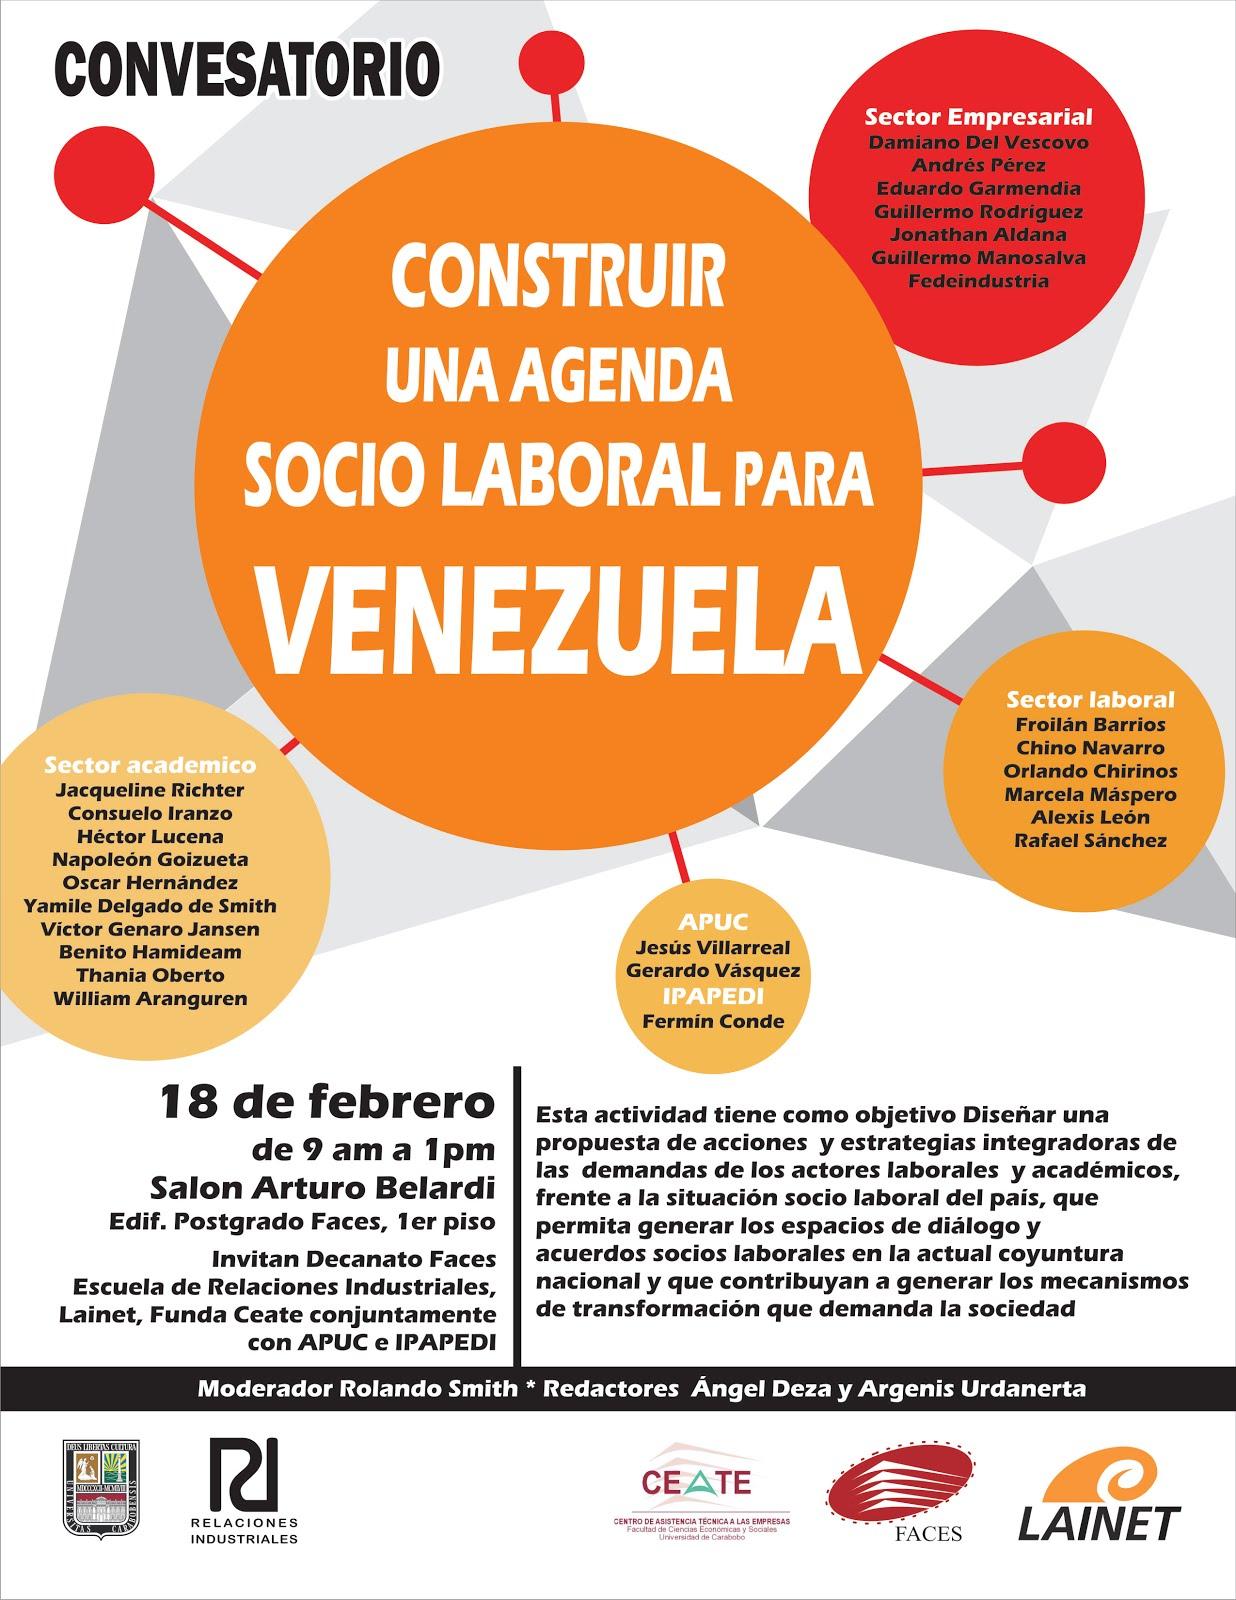 Agenda Socio Laboral